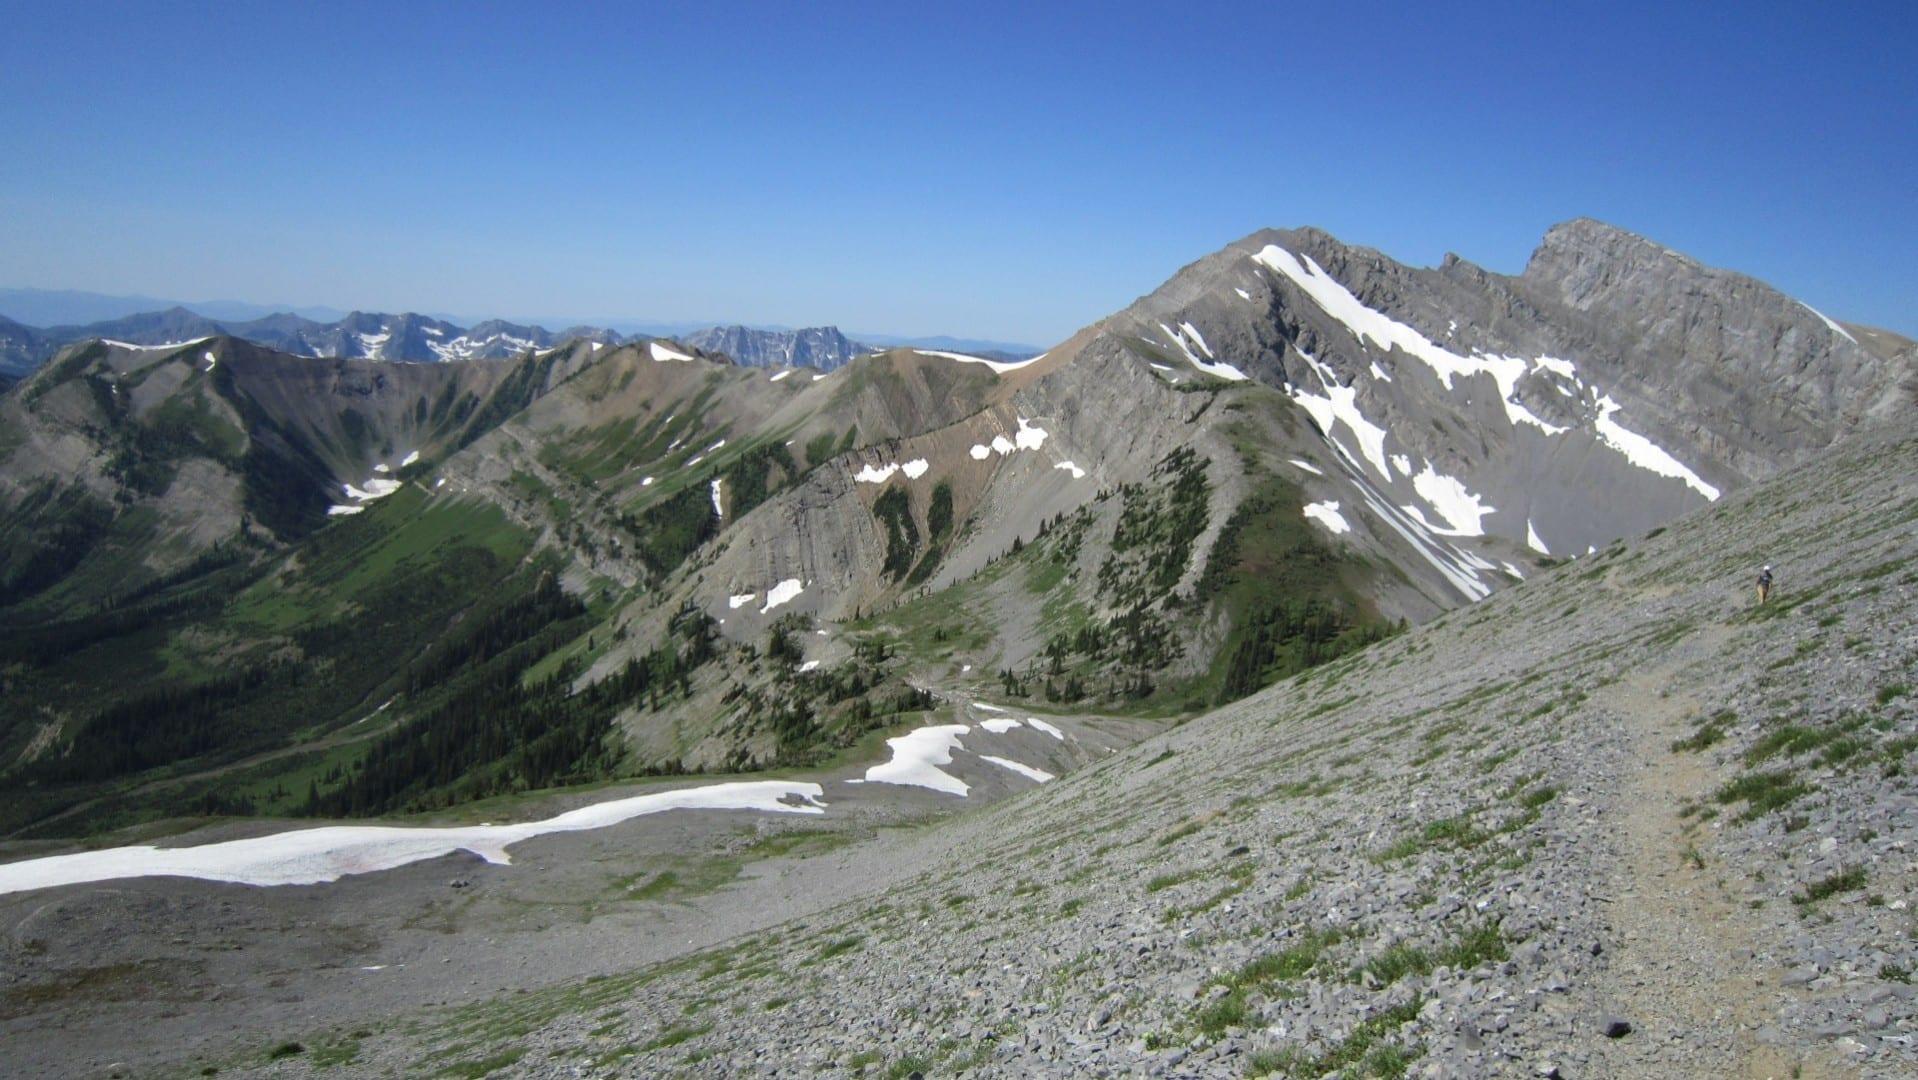 El sendero de Heiko, la caminata de las Tres Hermanas. Fernie Canadá